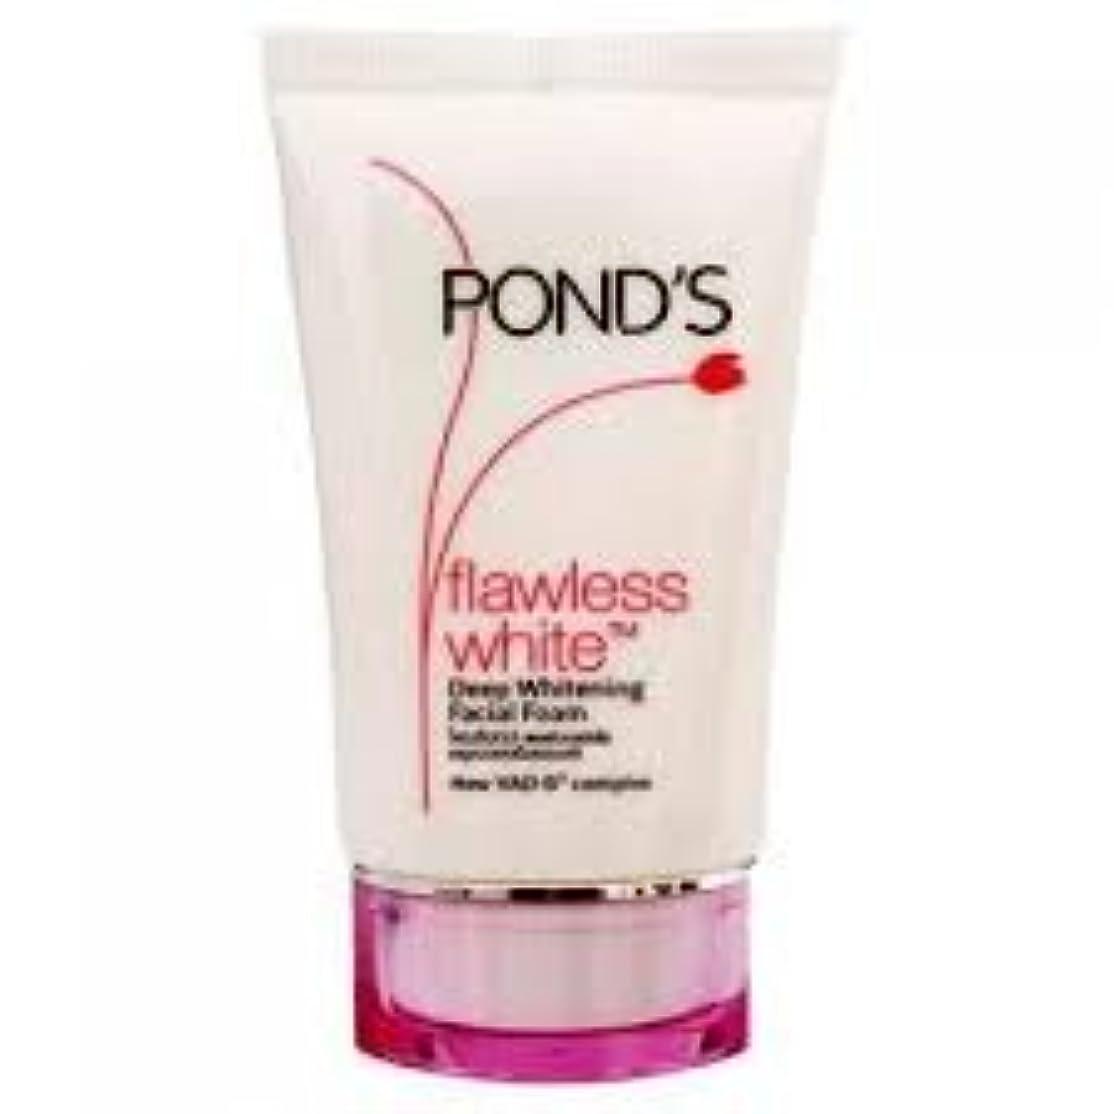 マイルド高度な取り戻すポンズ フローレス ホワイトニング フェイシャルフォーム Ponds Flawless White Deep Whitening Facial Foam 50g